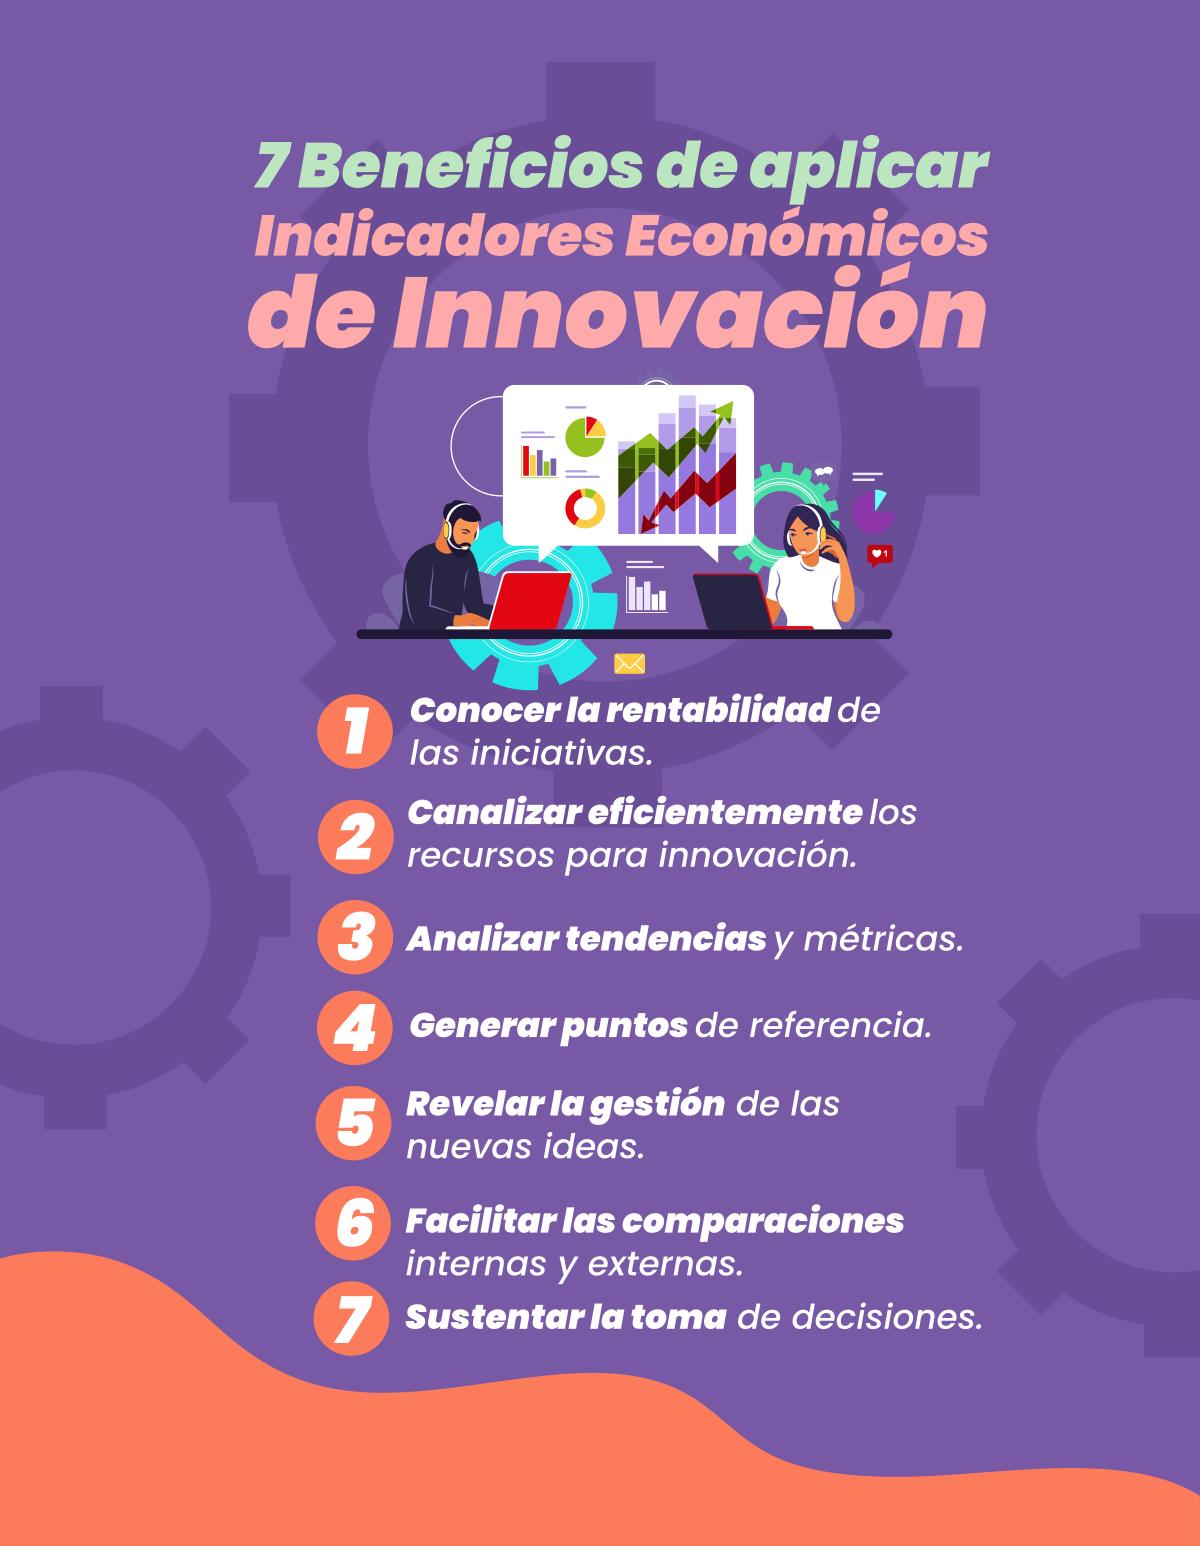 Indicadores económicos de innovación ¿Cómo aplicarlos? 0